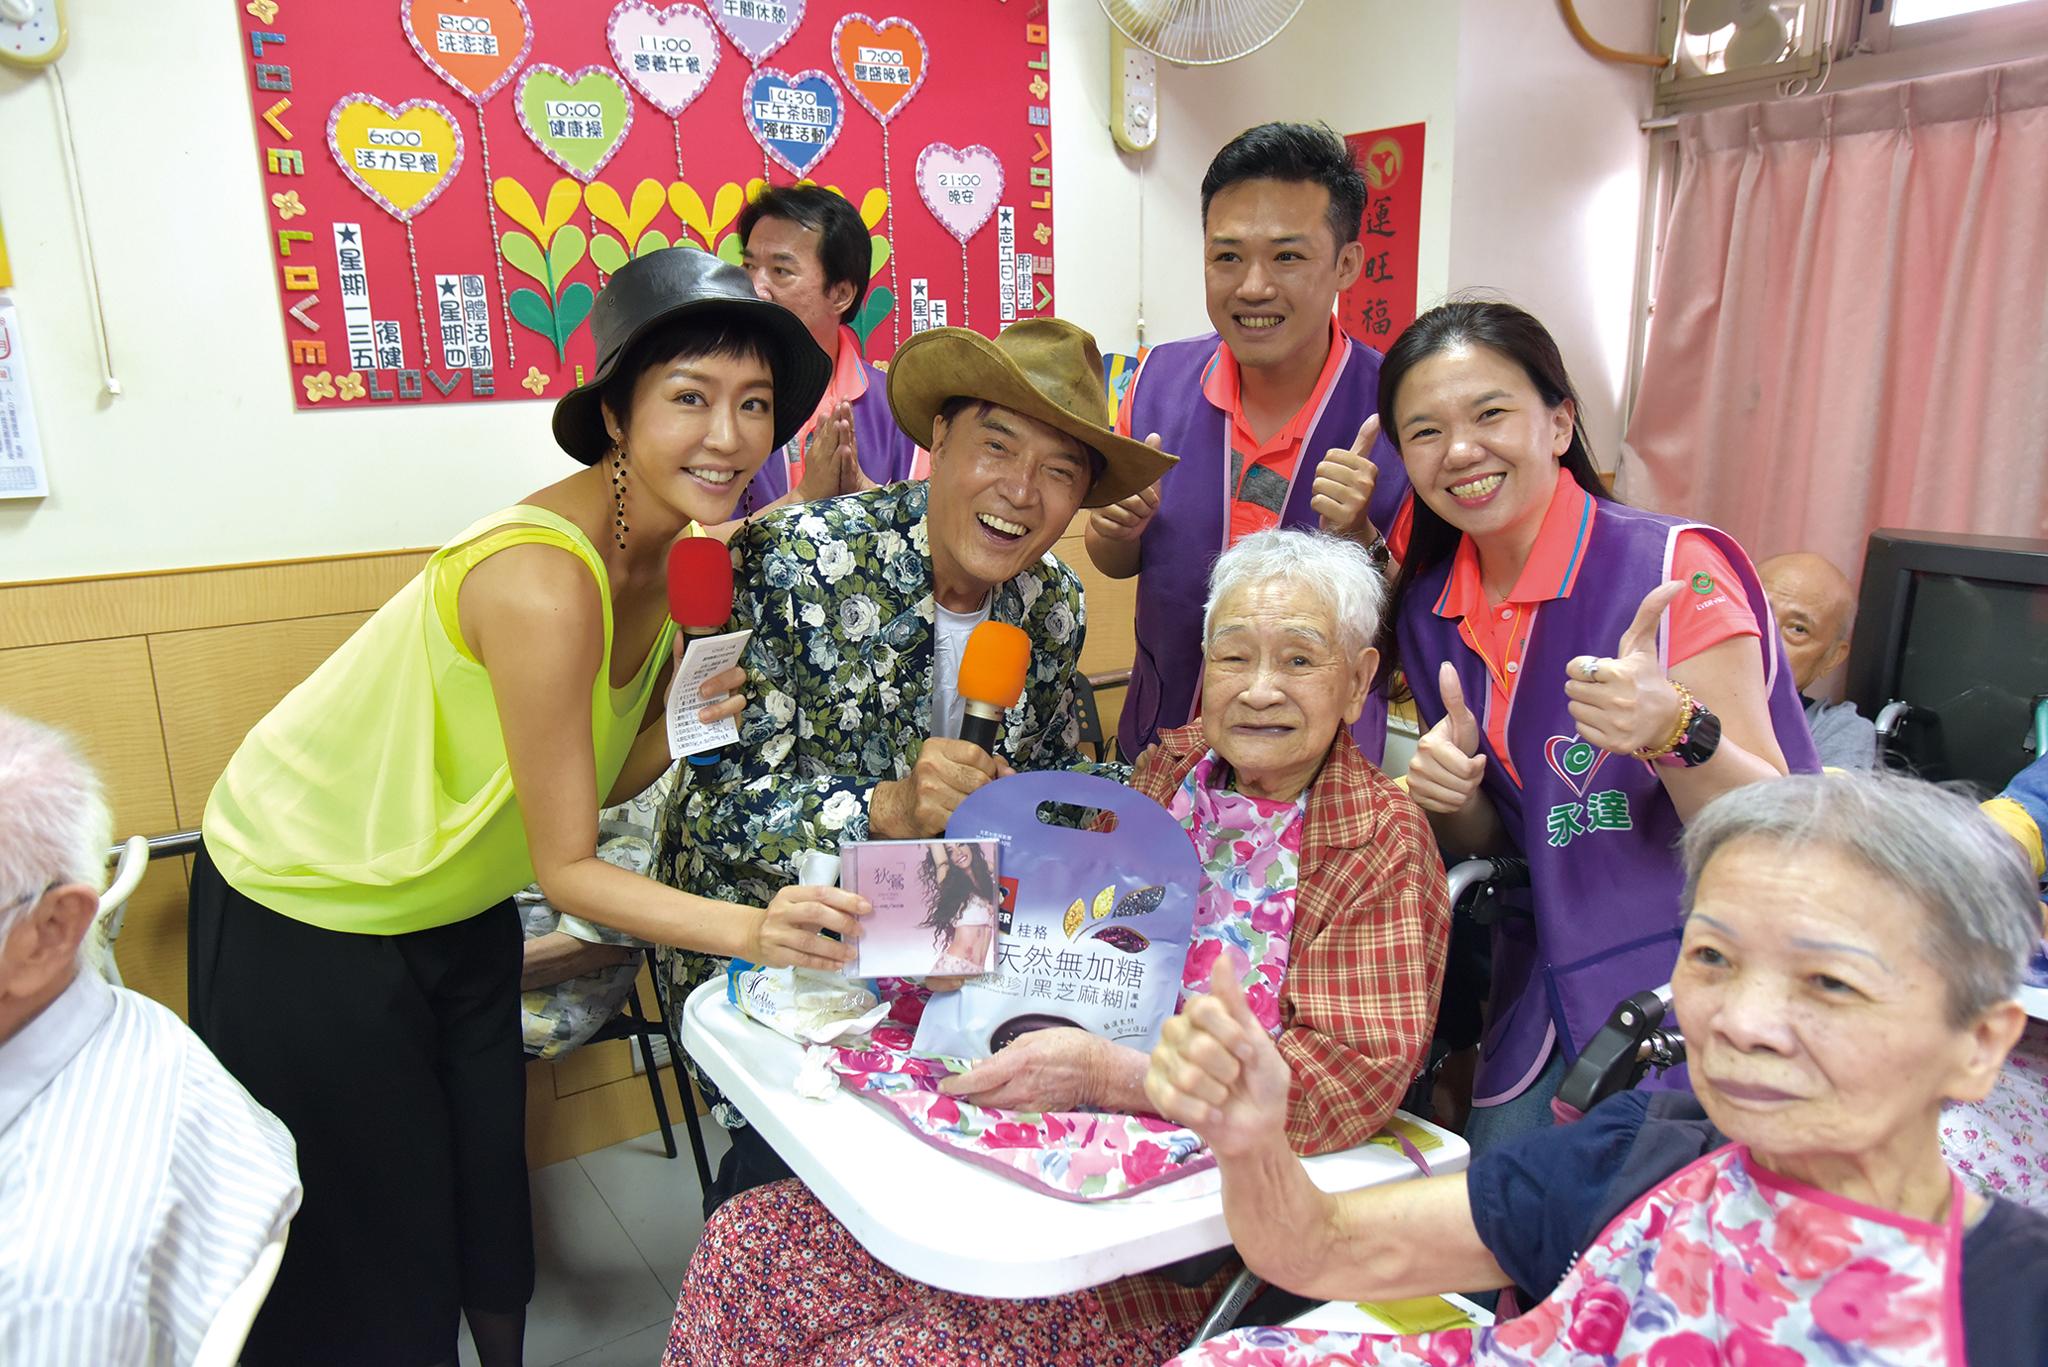 收到禮物的長輩和志工開心合影。